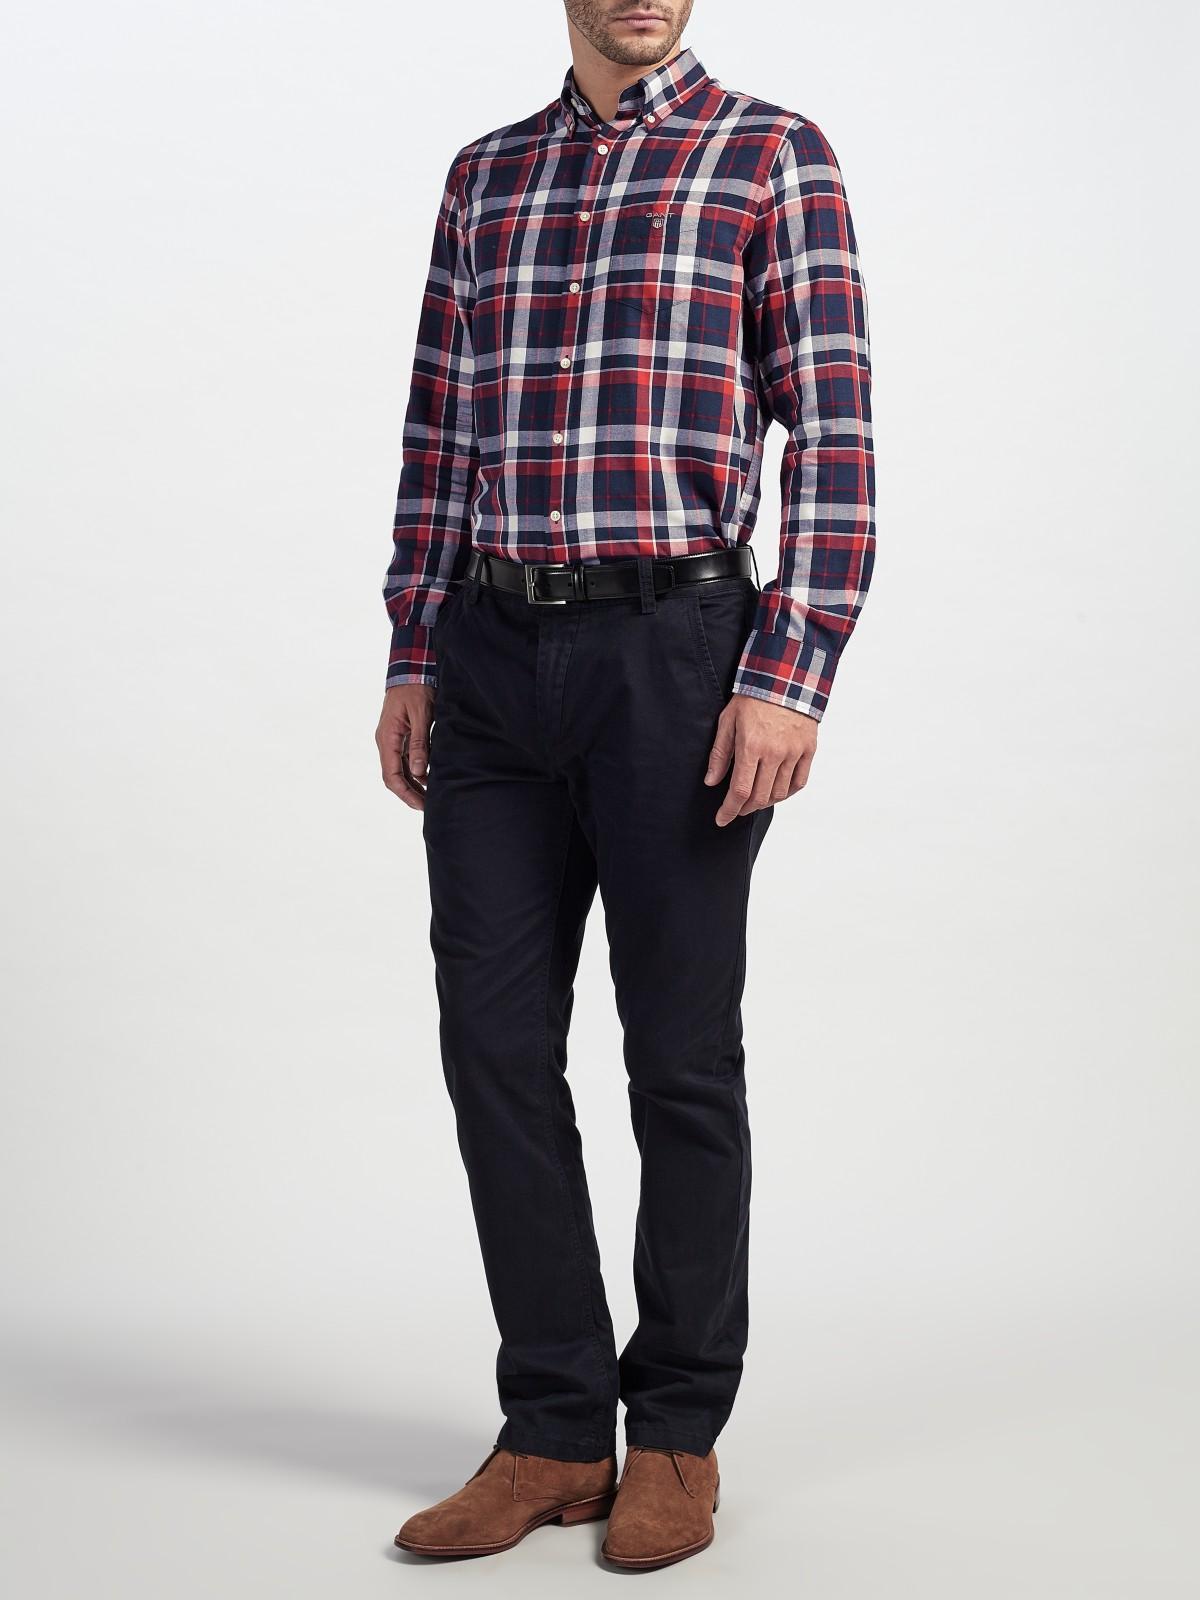 GANT Cotton Tech Prep Dobby Check Shirt in Red for Men